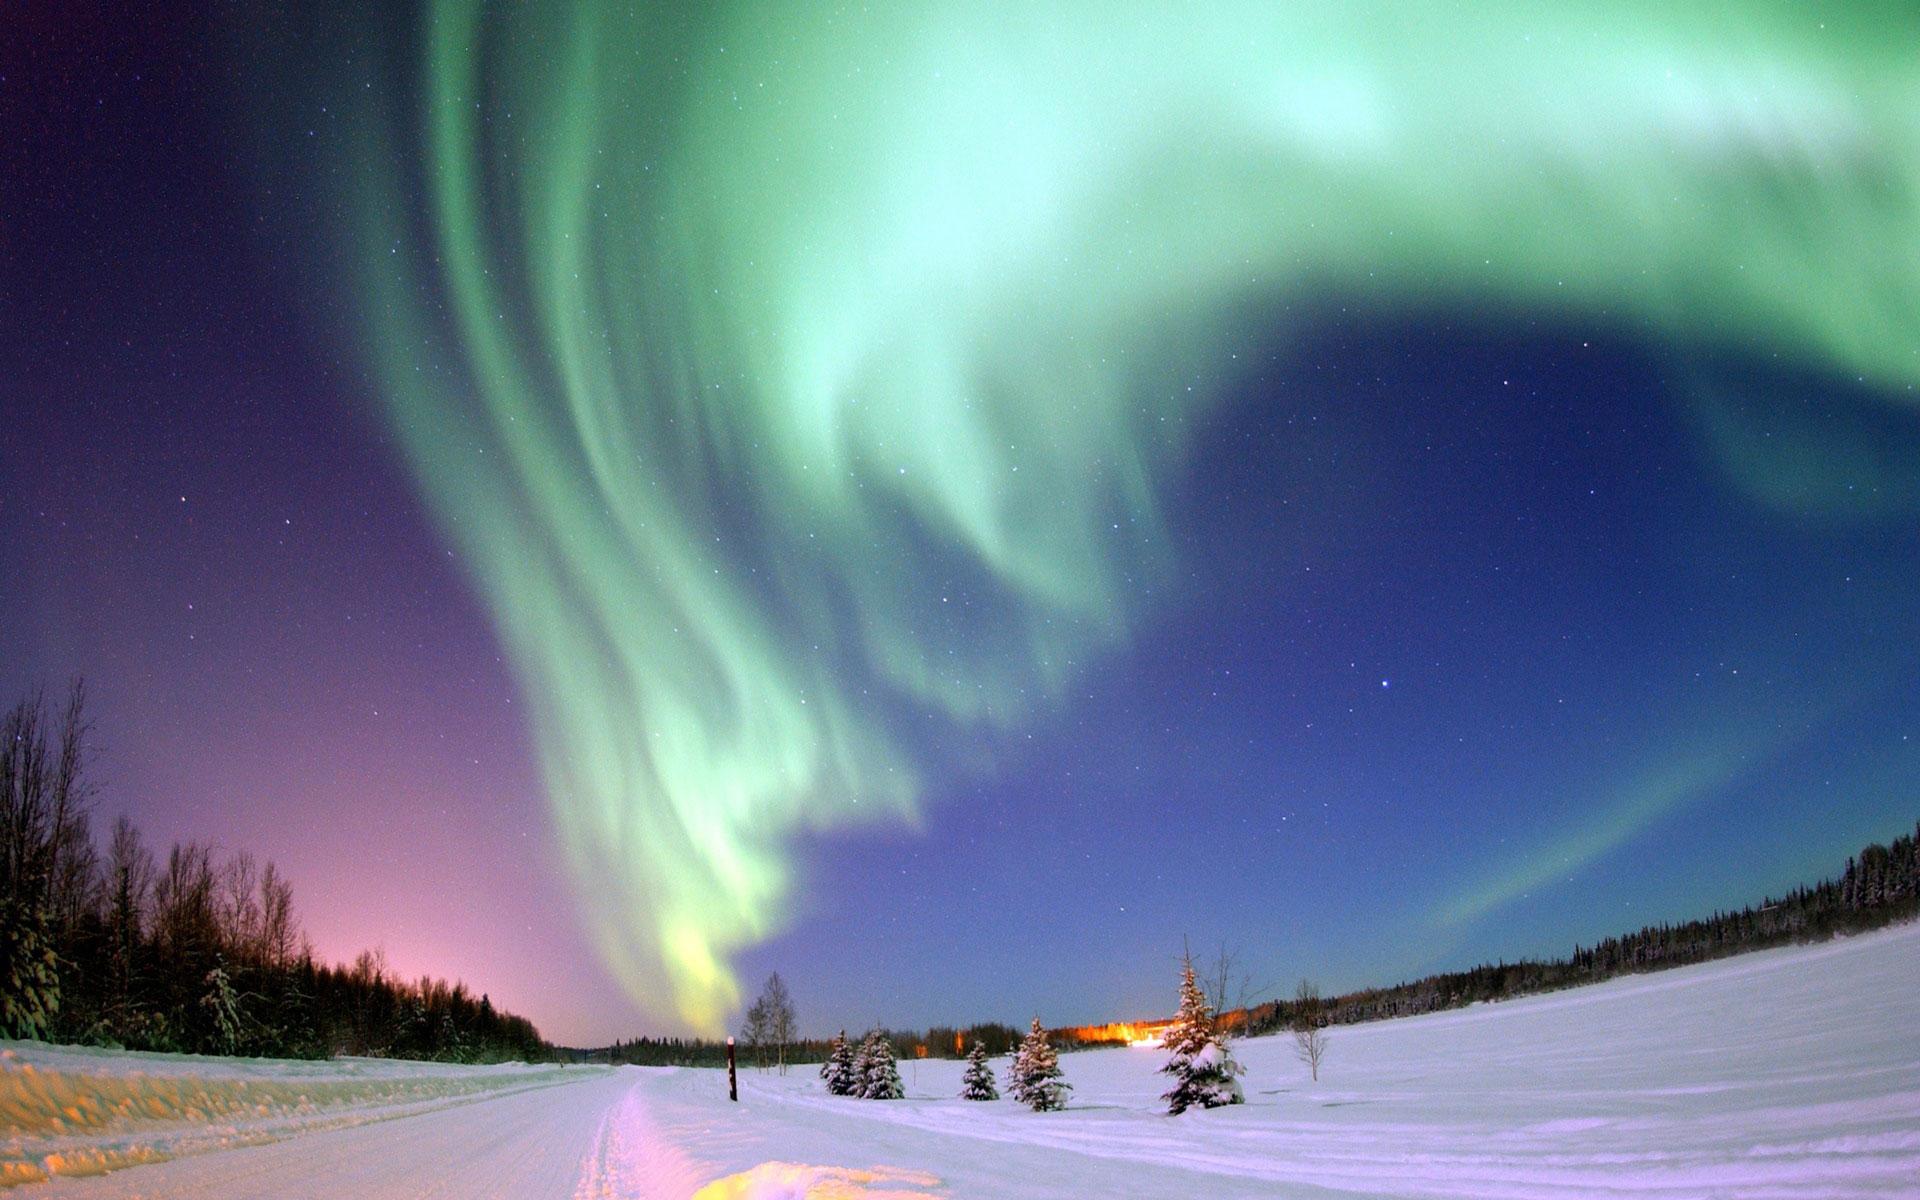 alla scoperta dei posti migliori dove vedere le aurore boreali